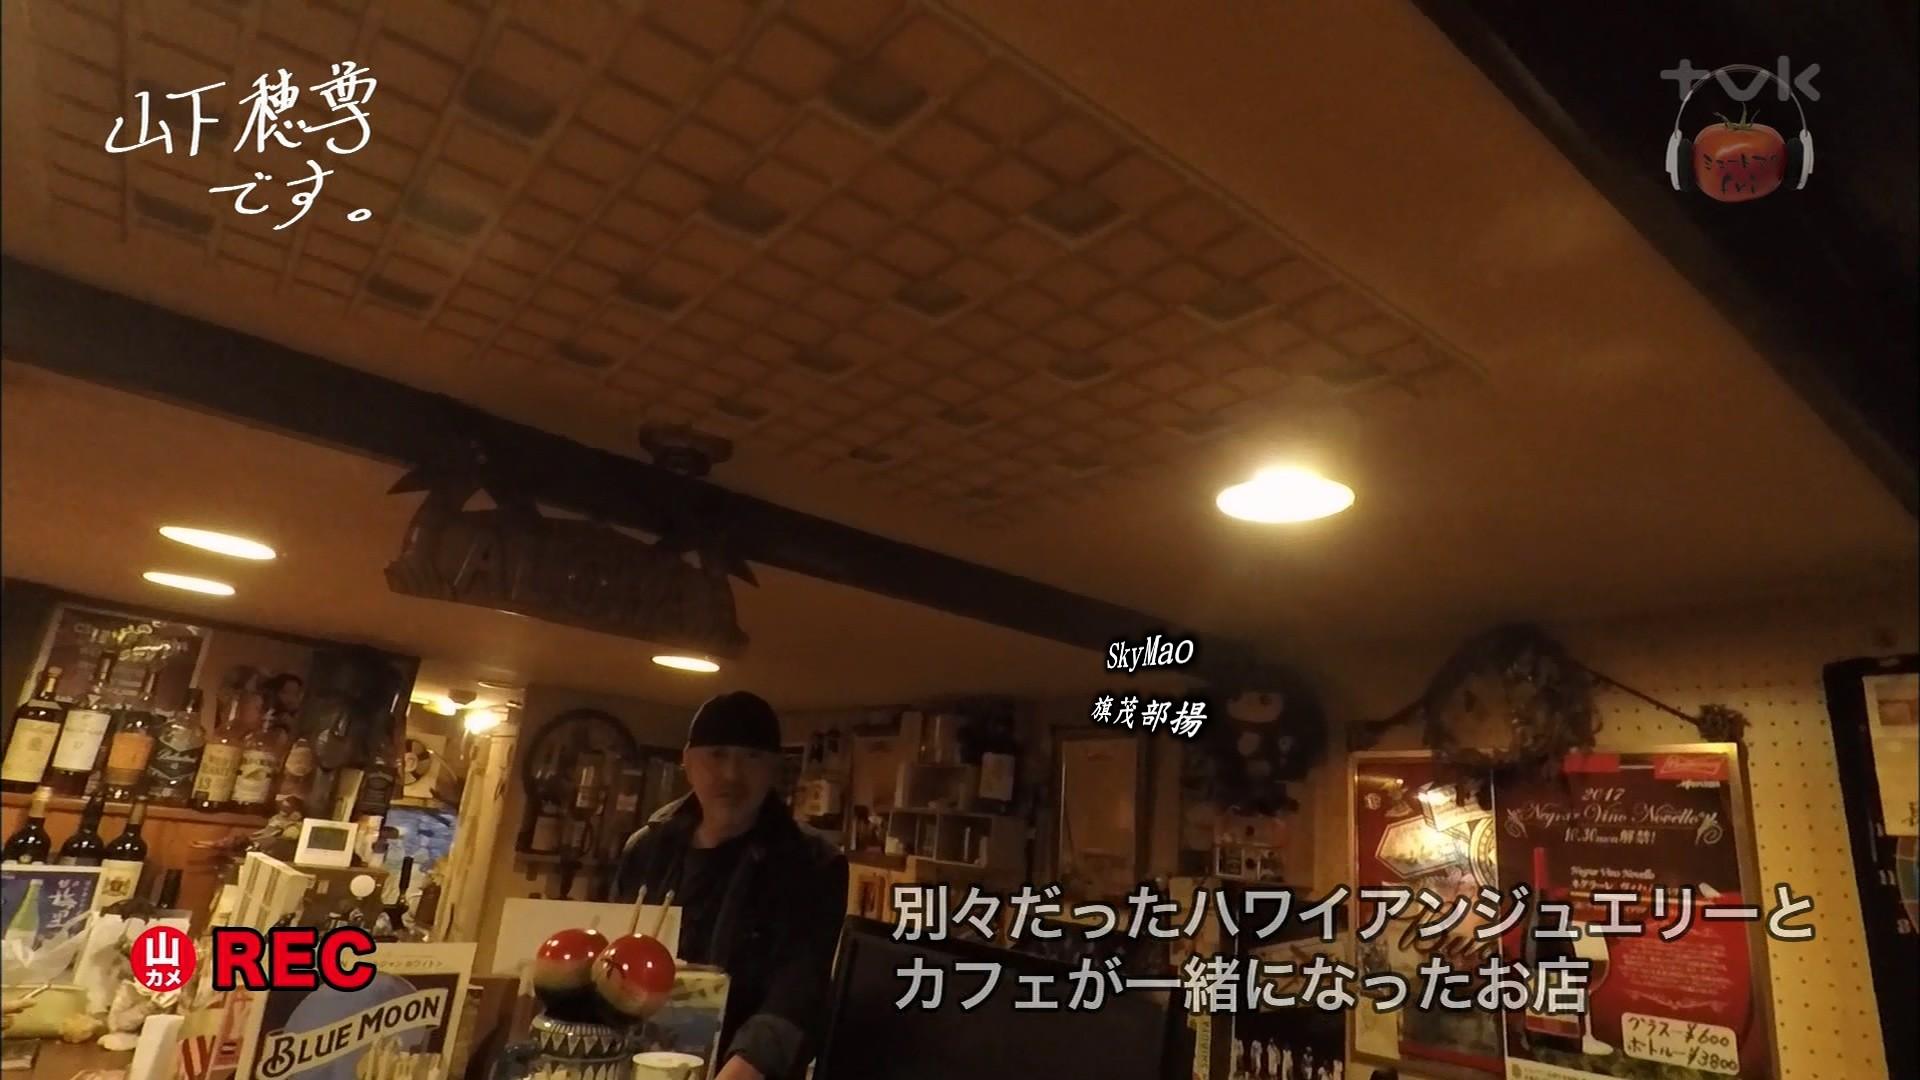 2017.12.15 全場(ミュートマ2).ts_20171216_013128.506